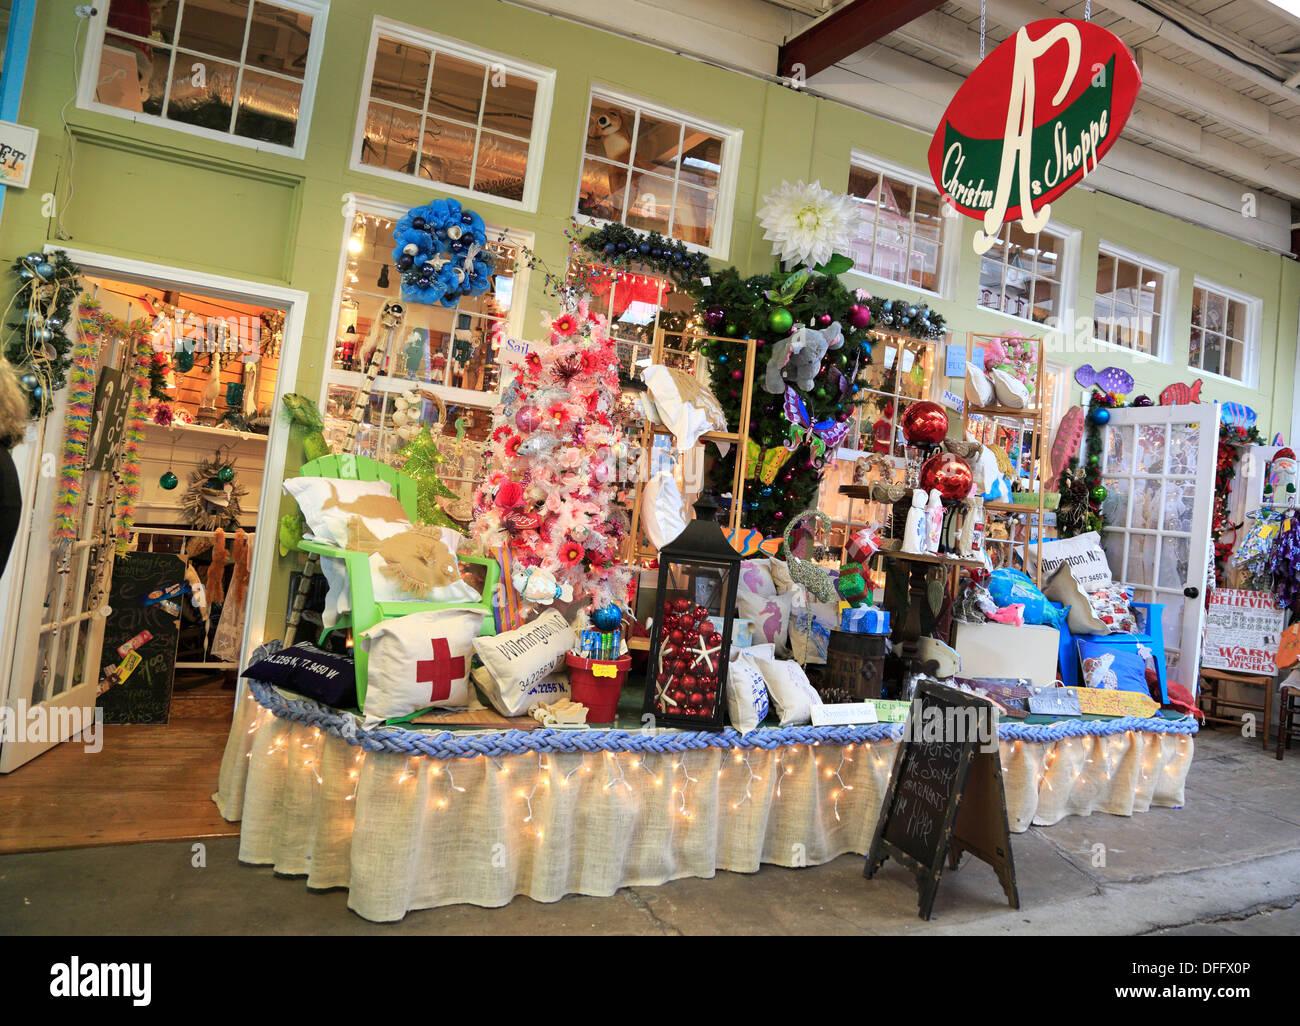 Weihnachten Shop im City Market, Wilmington, North Carolina. Die ...